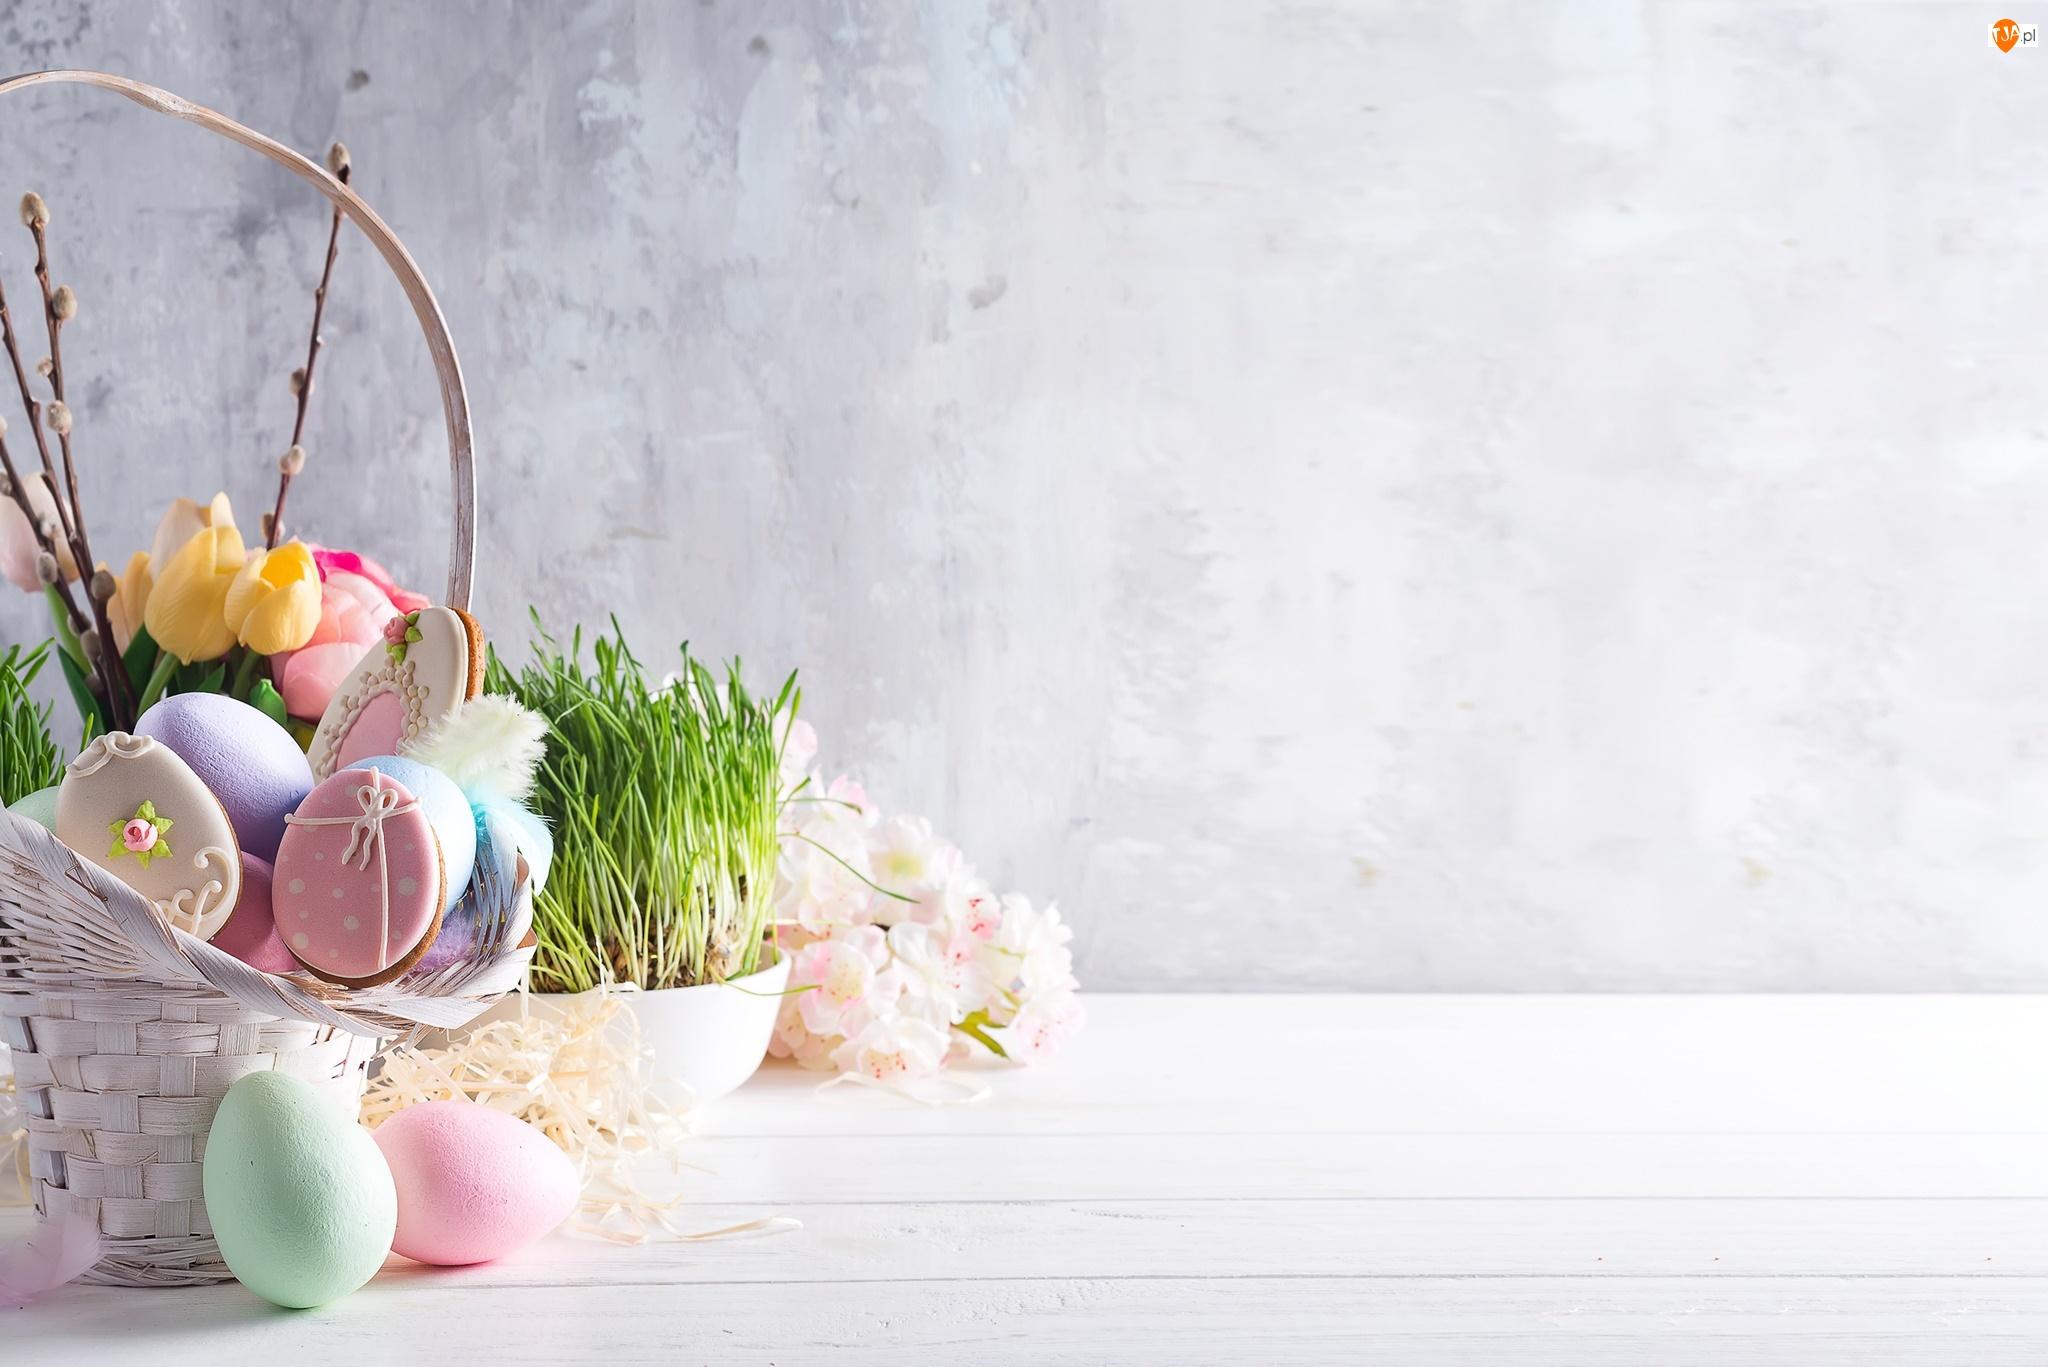 Koszyk, Kolorowe, Trawa, Wielkanoc, Tulipany, Kwiaty, Pisanki